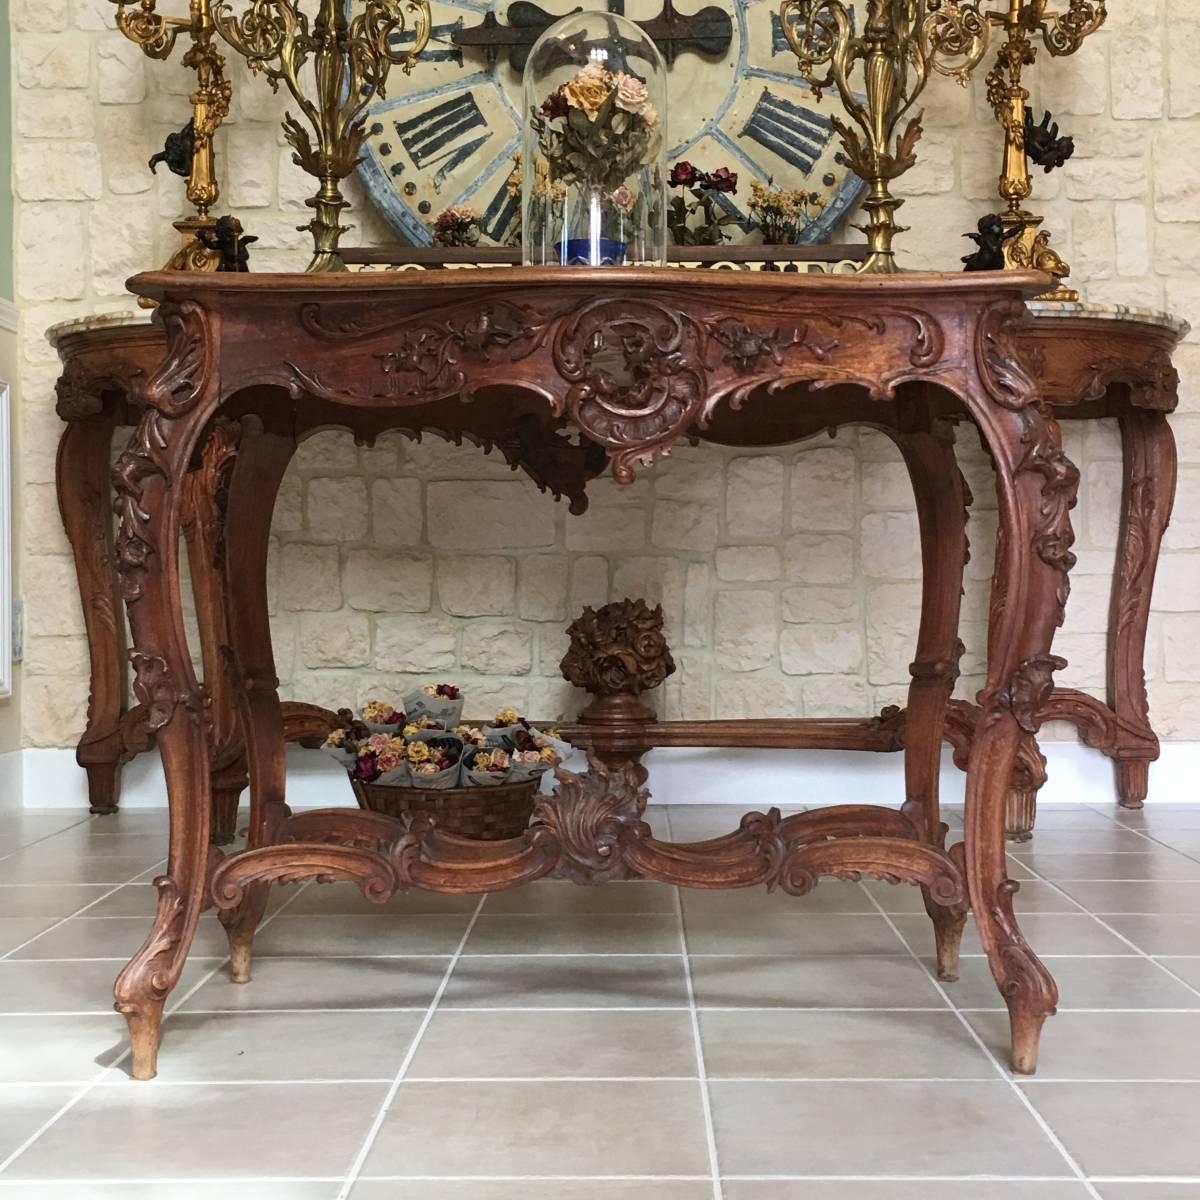 フランスアンティーク テーブル アンティークテーブル 19世紀 コンソールテーブル ルイ15世様式 ロココ様式 アンティーク家具_画像1